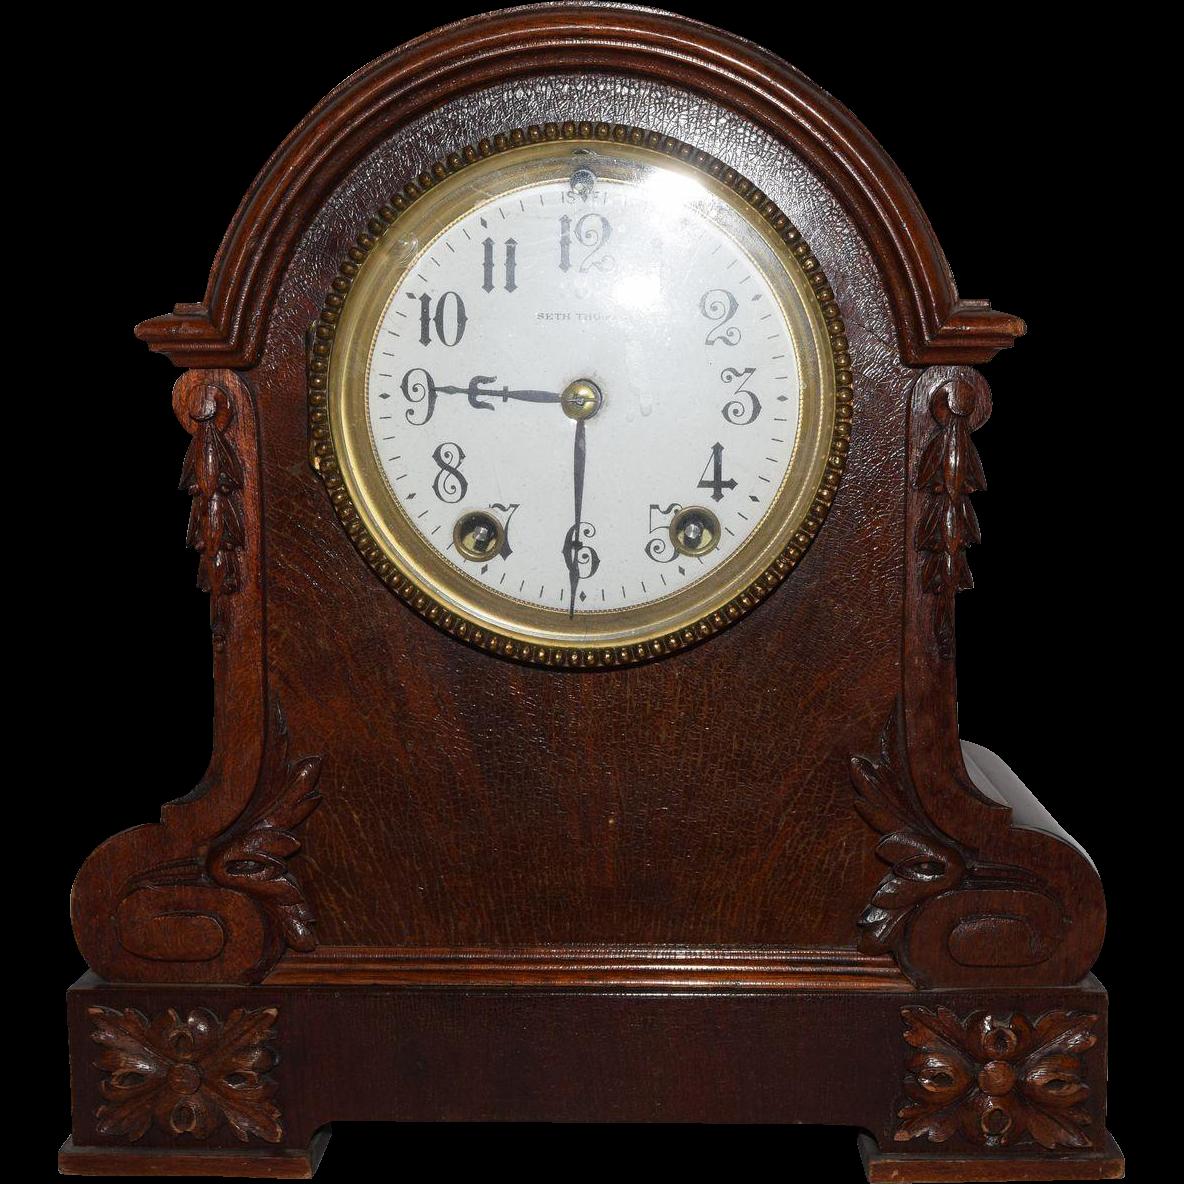 Antique Seth Thomas Wooden Mantle Clock on Ebonized Oak